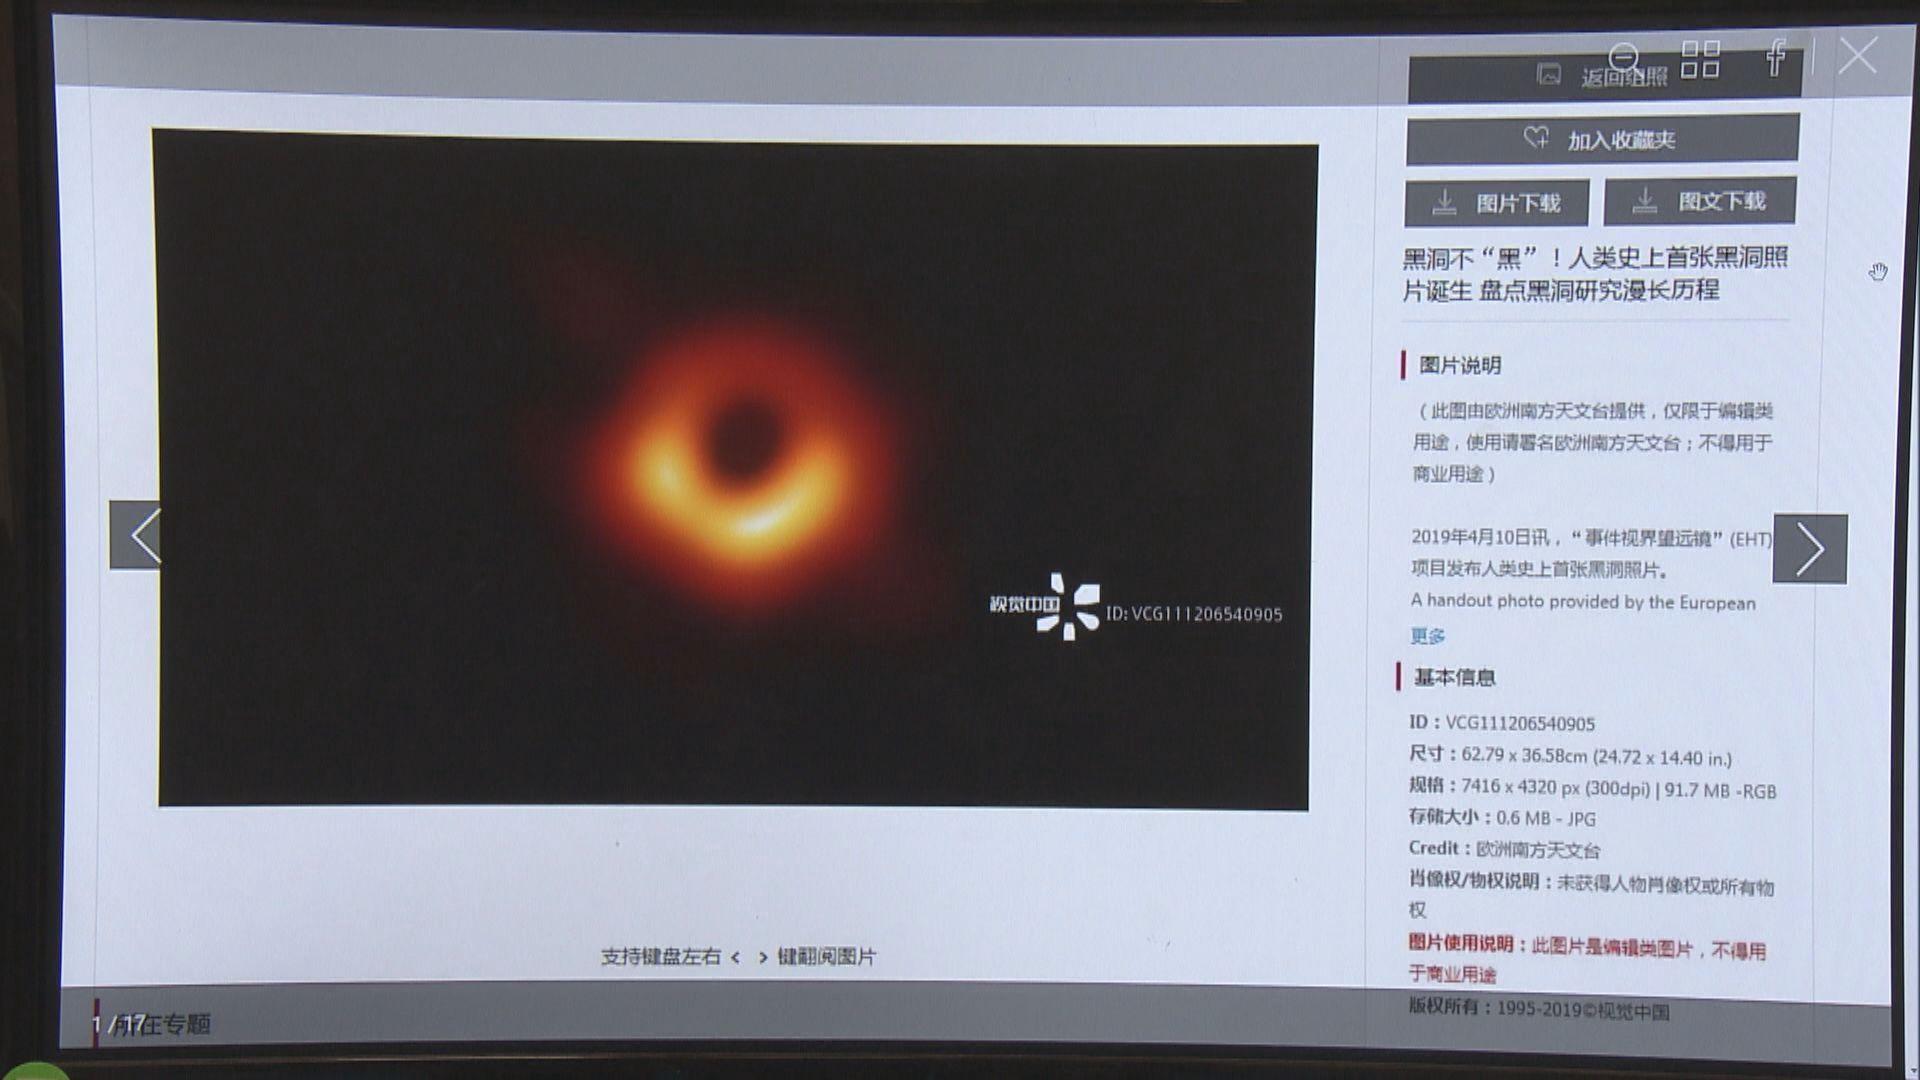 【「黑洞照片」風暴!】國家版權局「冚」侵權網